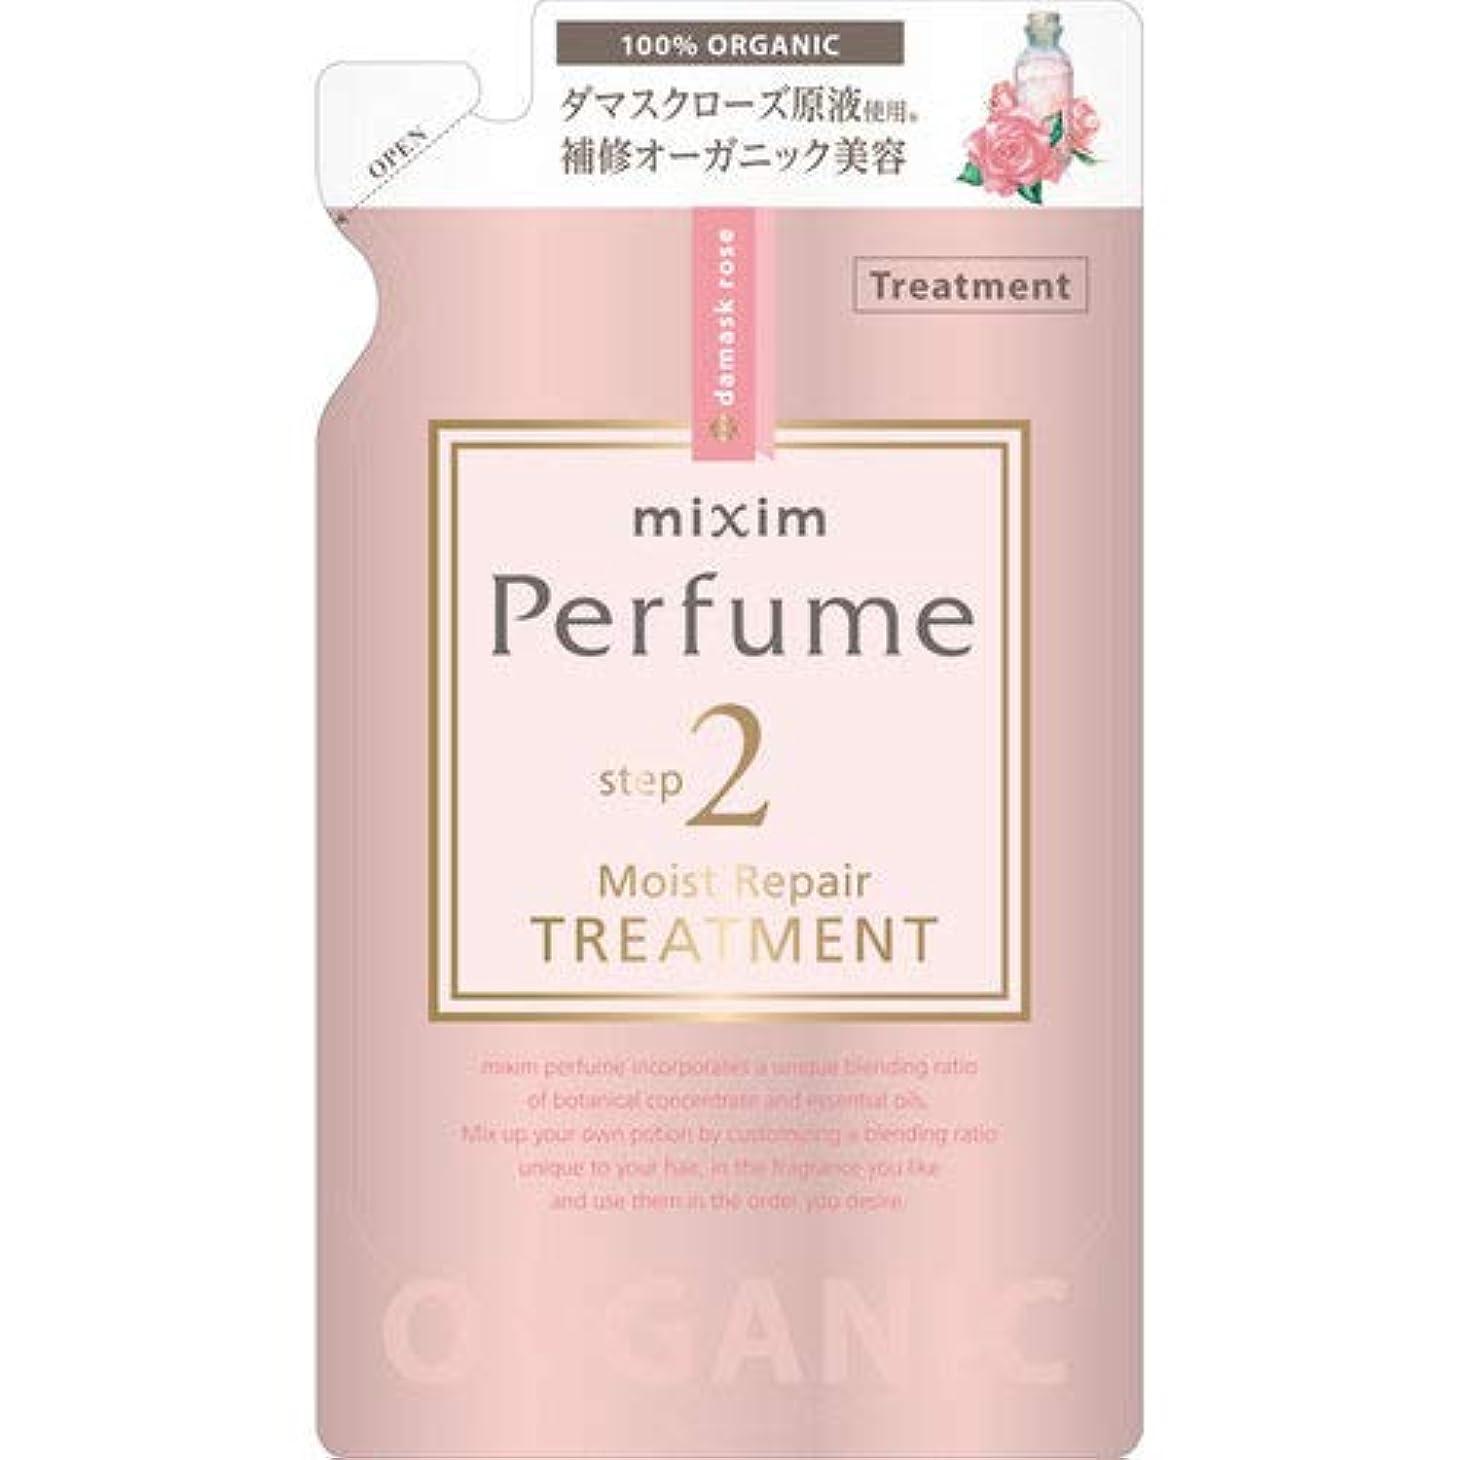 そのようなマトリックス容量mixim Perfume(ミクシムパフューム) モイストリペア ヘアトリートメントつめかえ用 350g